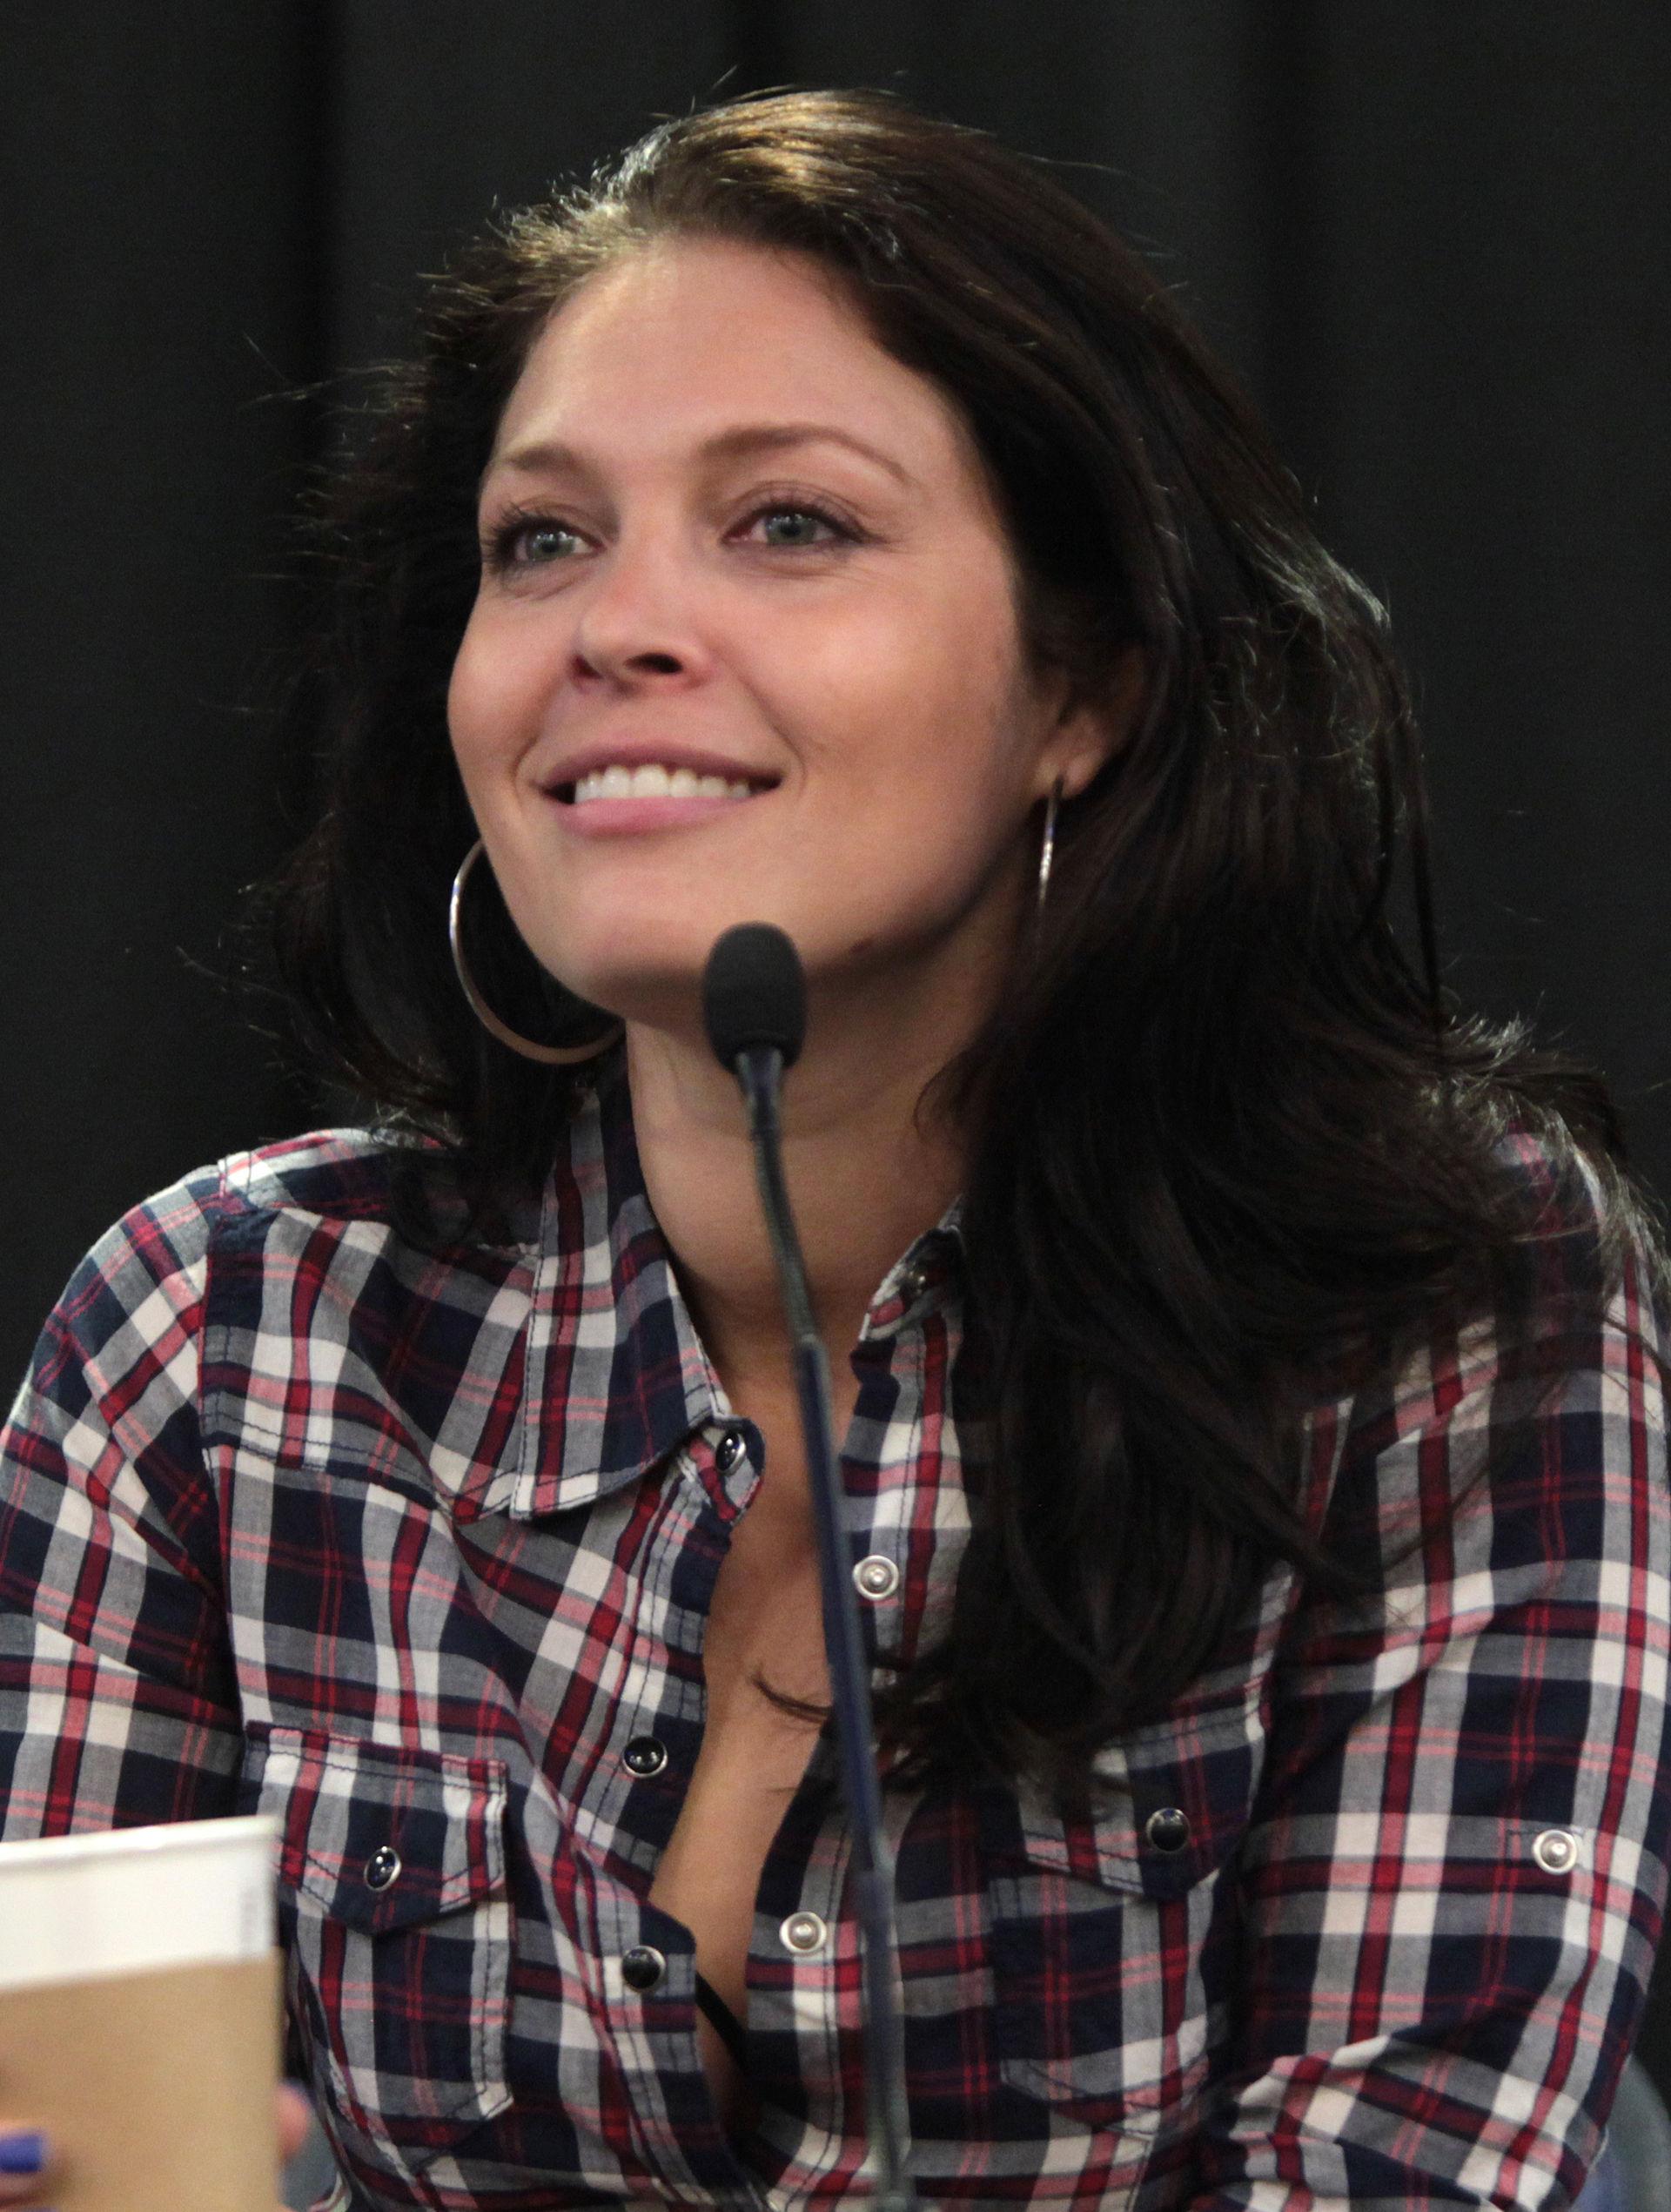 Alaina Huffman Wikip 233 Dia